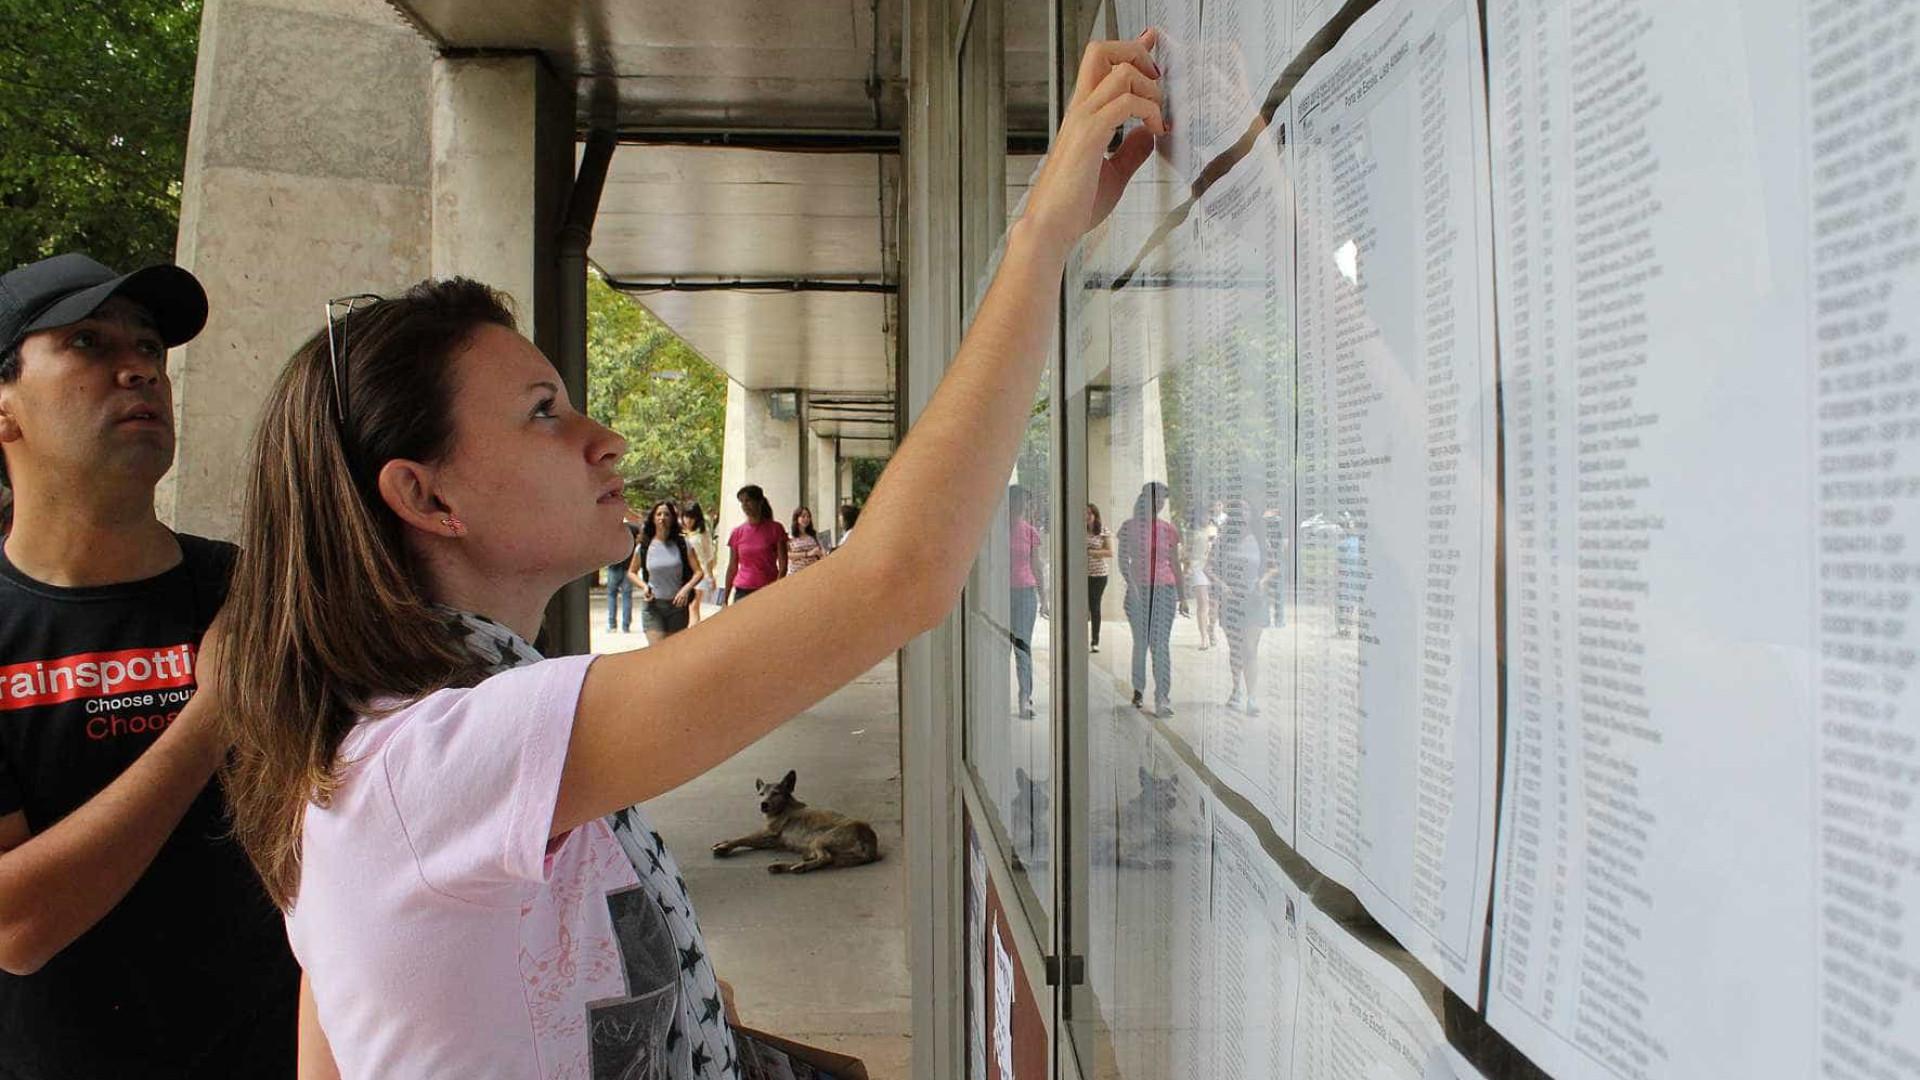 Concursos públicos abrem vagas com salário de até R$ 30 mil